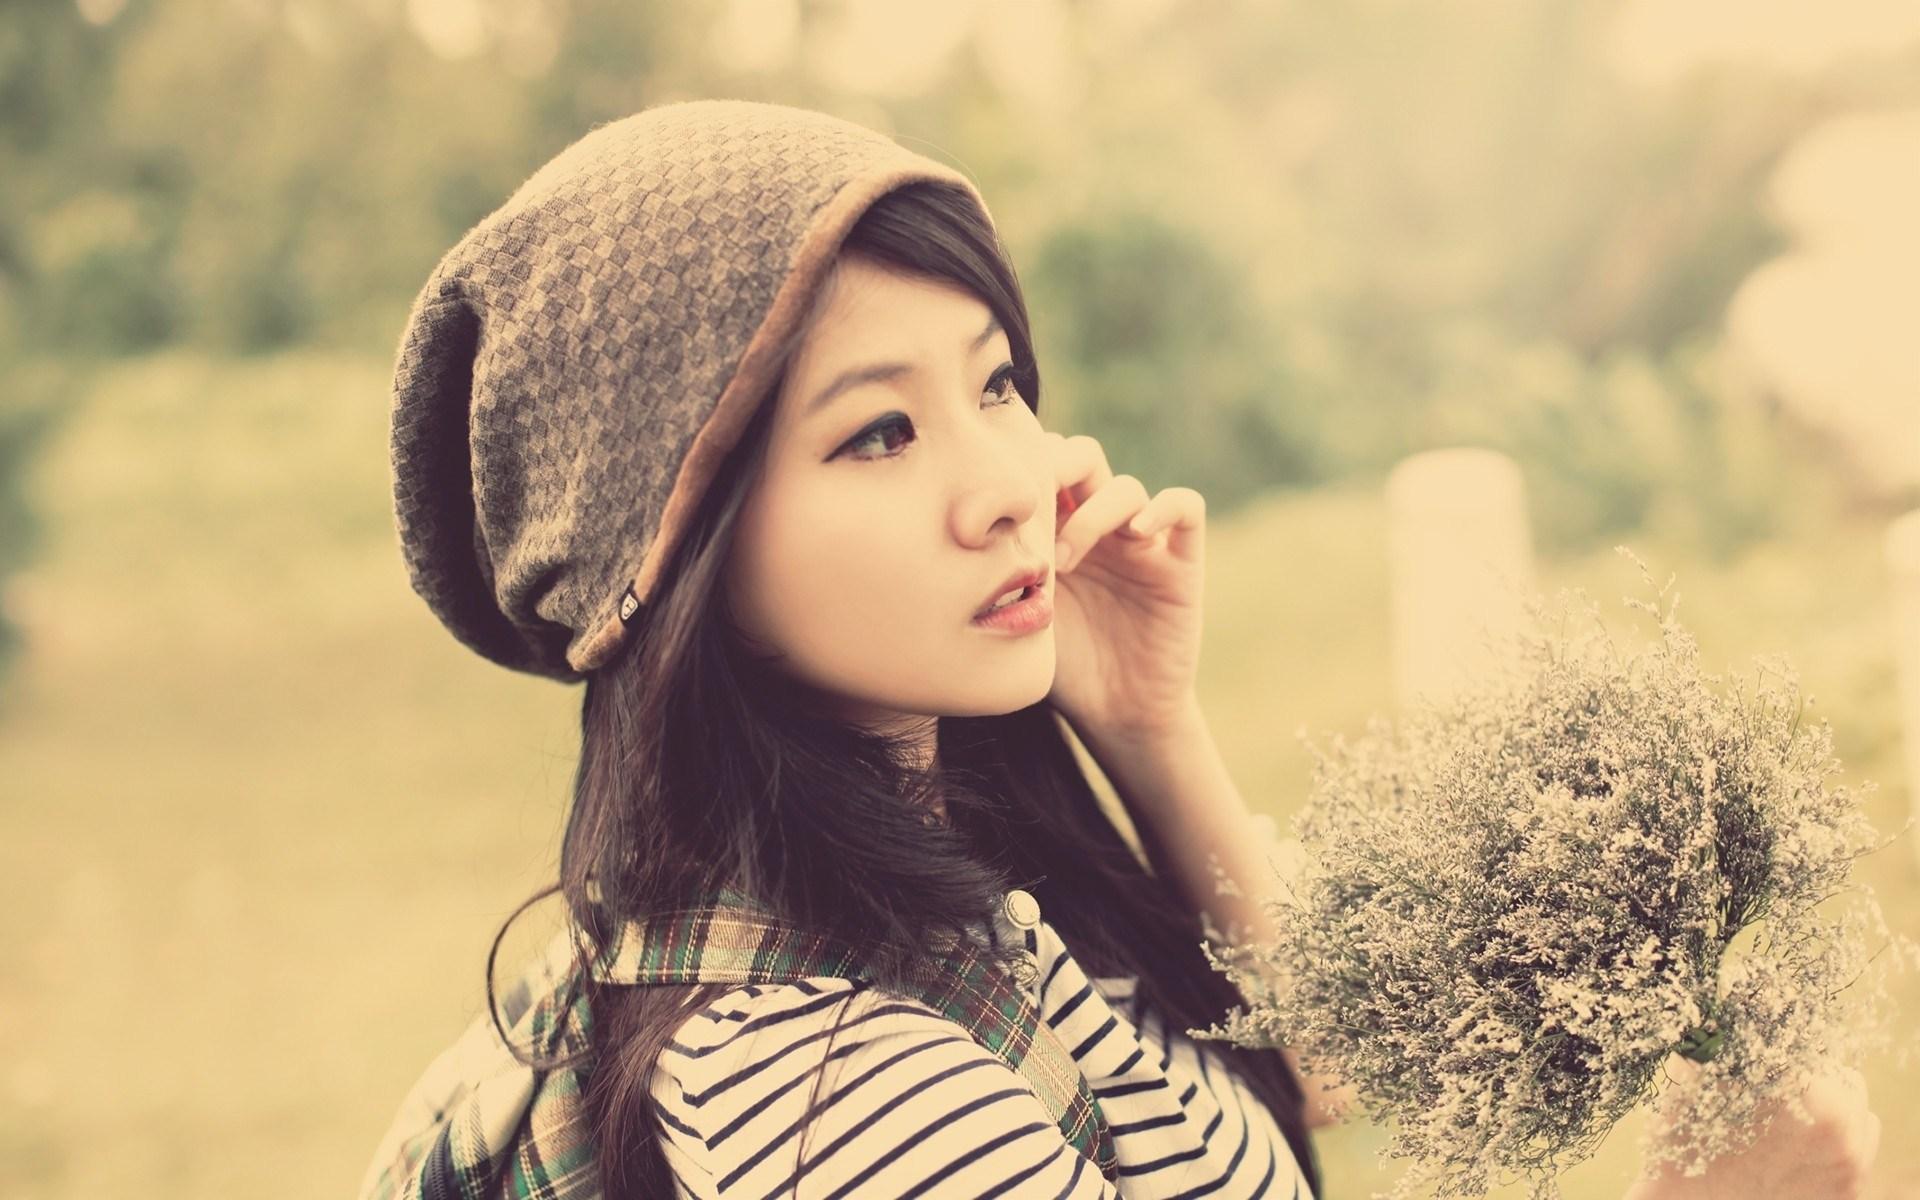 Asian Brunette Girl